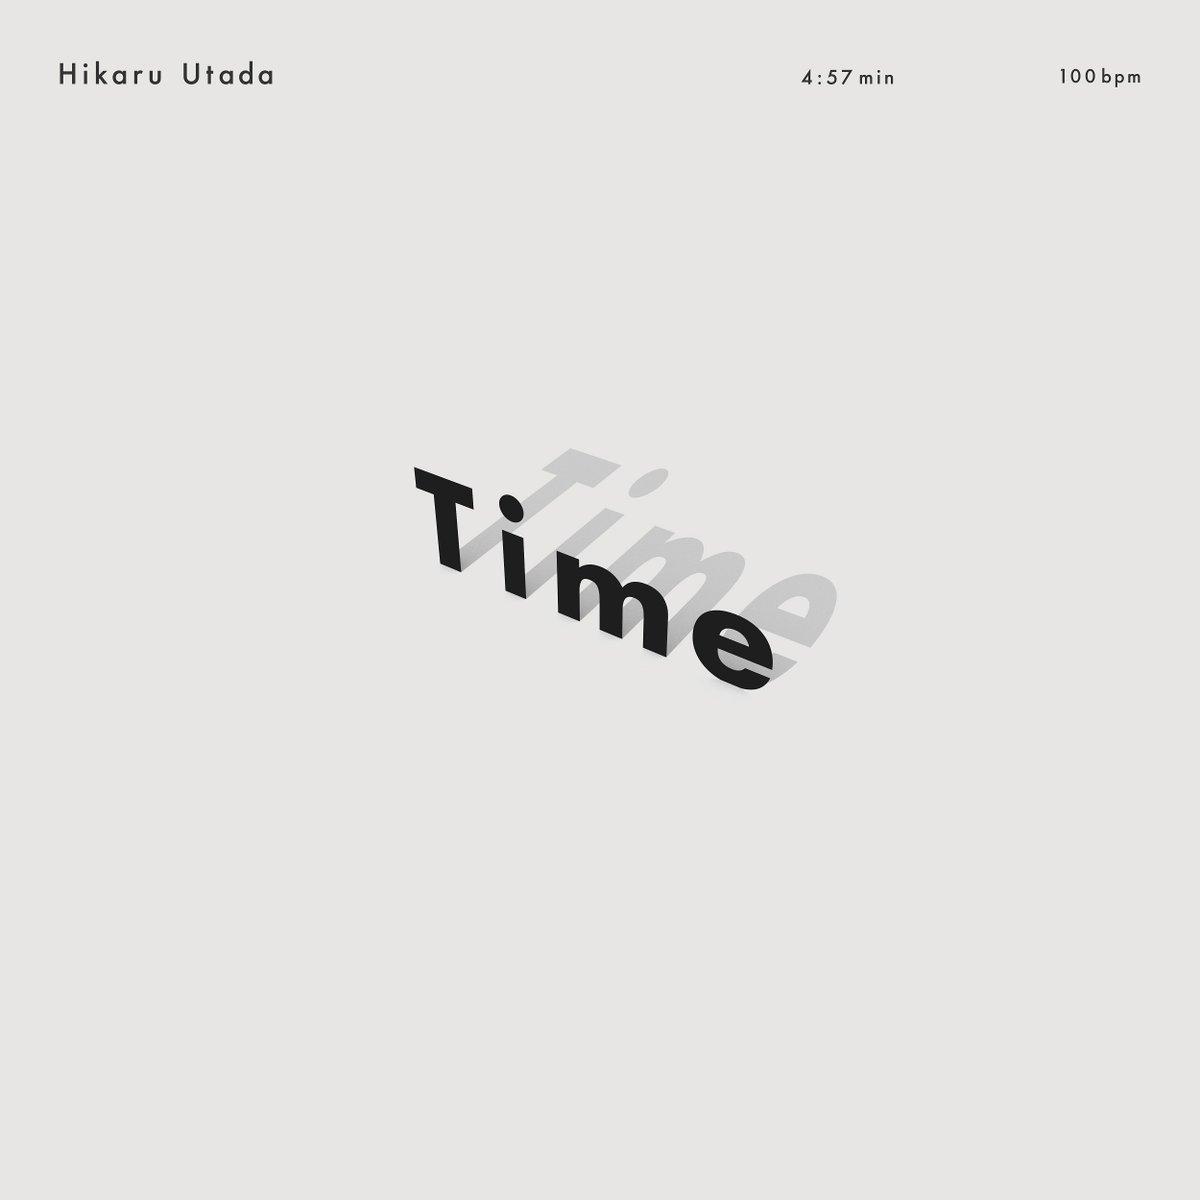 『宇多田ヒカルTime』収録の『Time』ジャケット